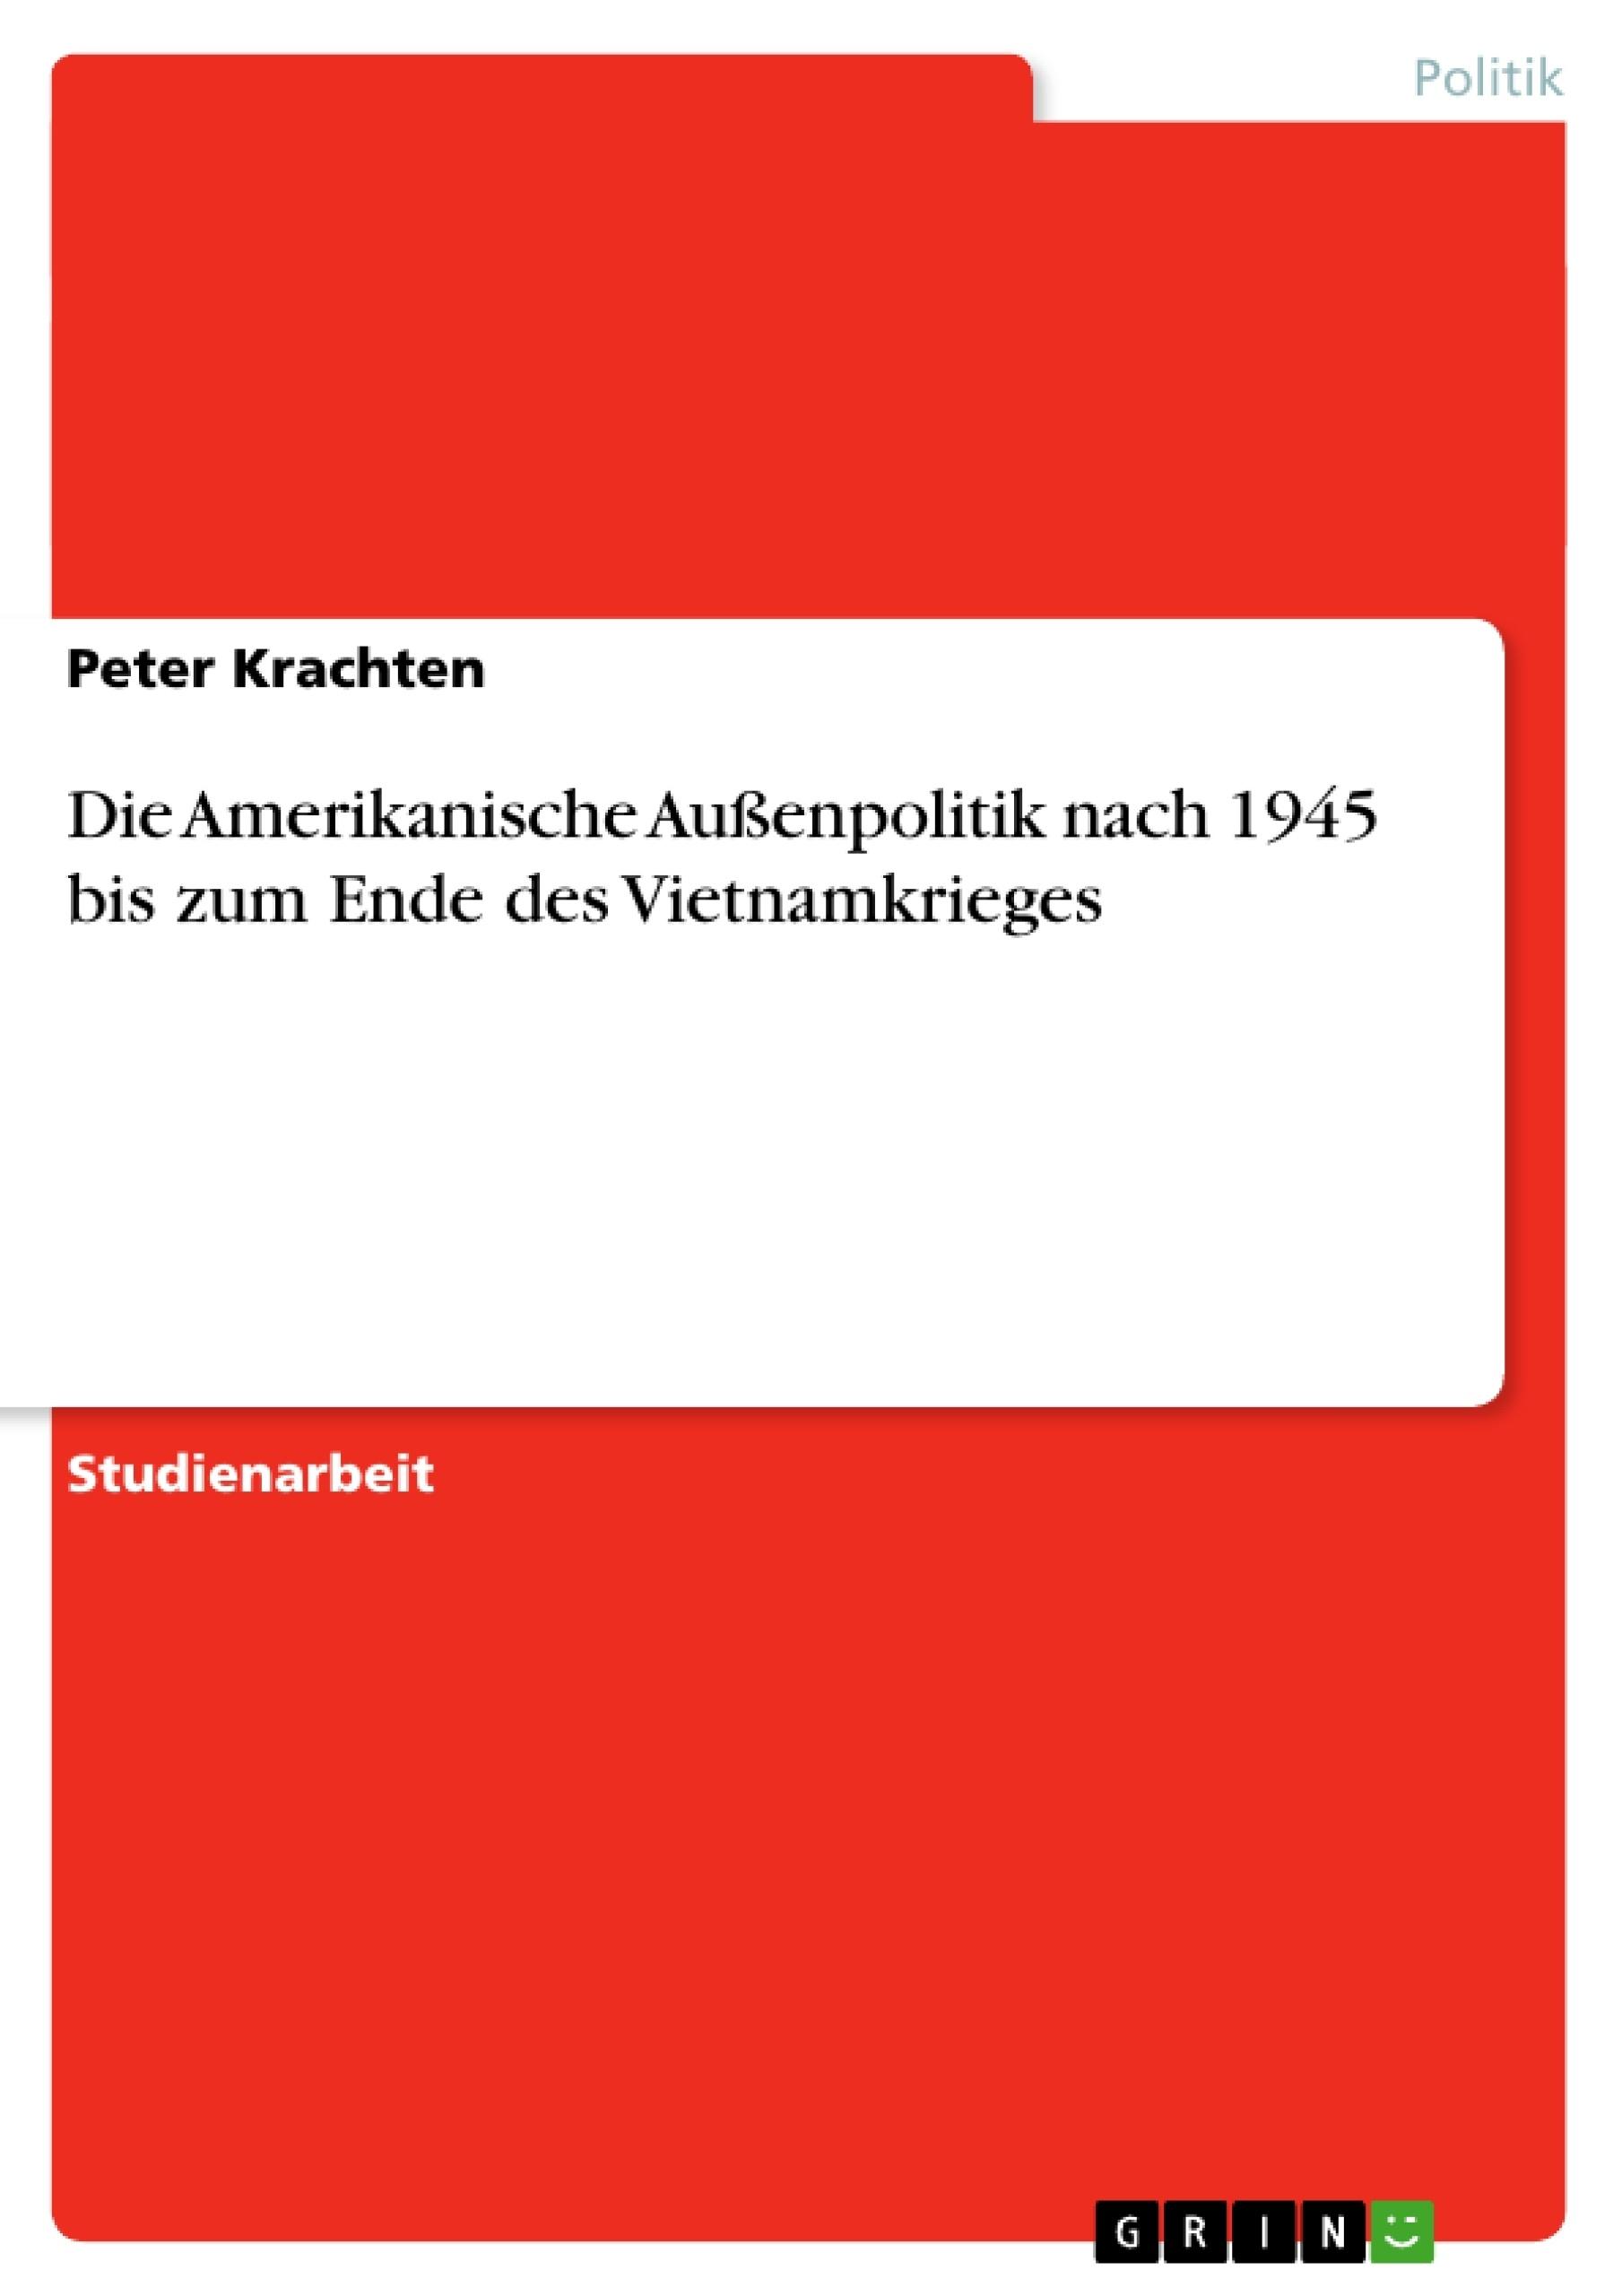 Titel: Die Amerikanische Außenpolitik nach 1945 bis zum Ende des Vietnamkrieges